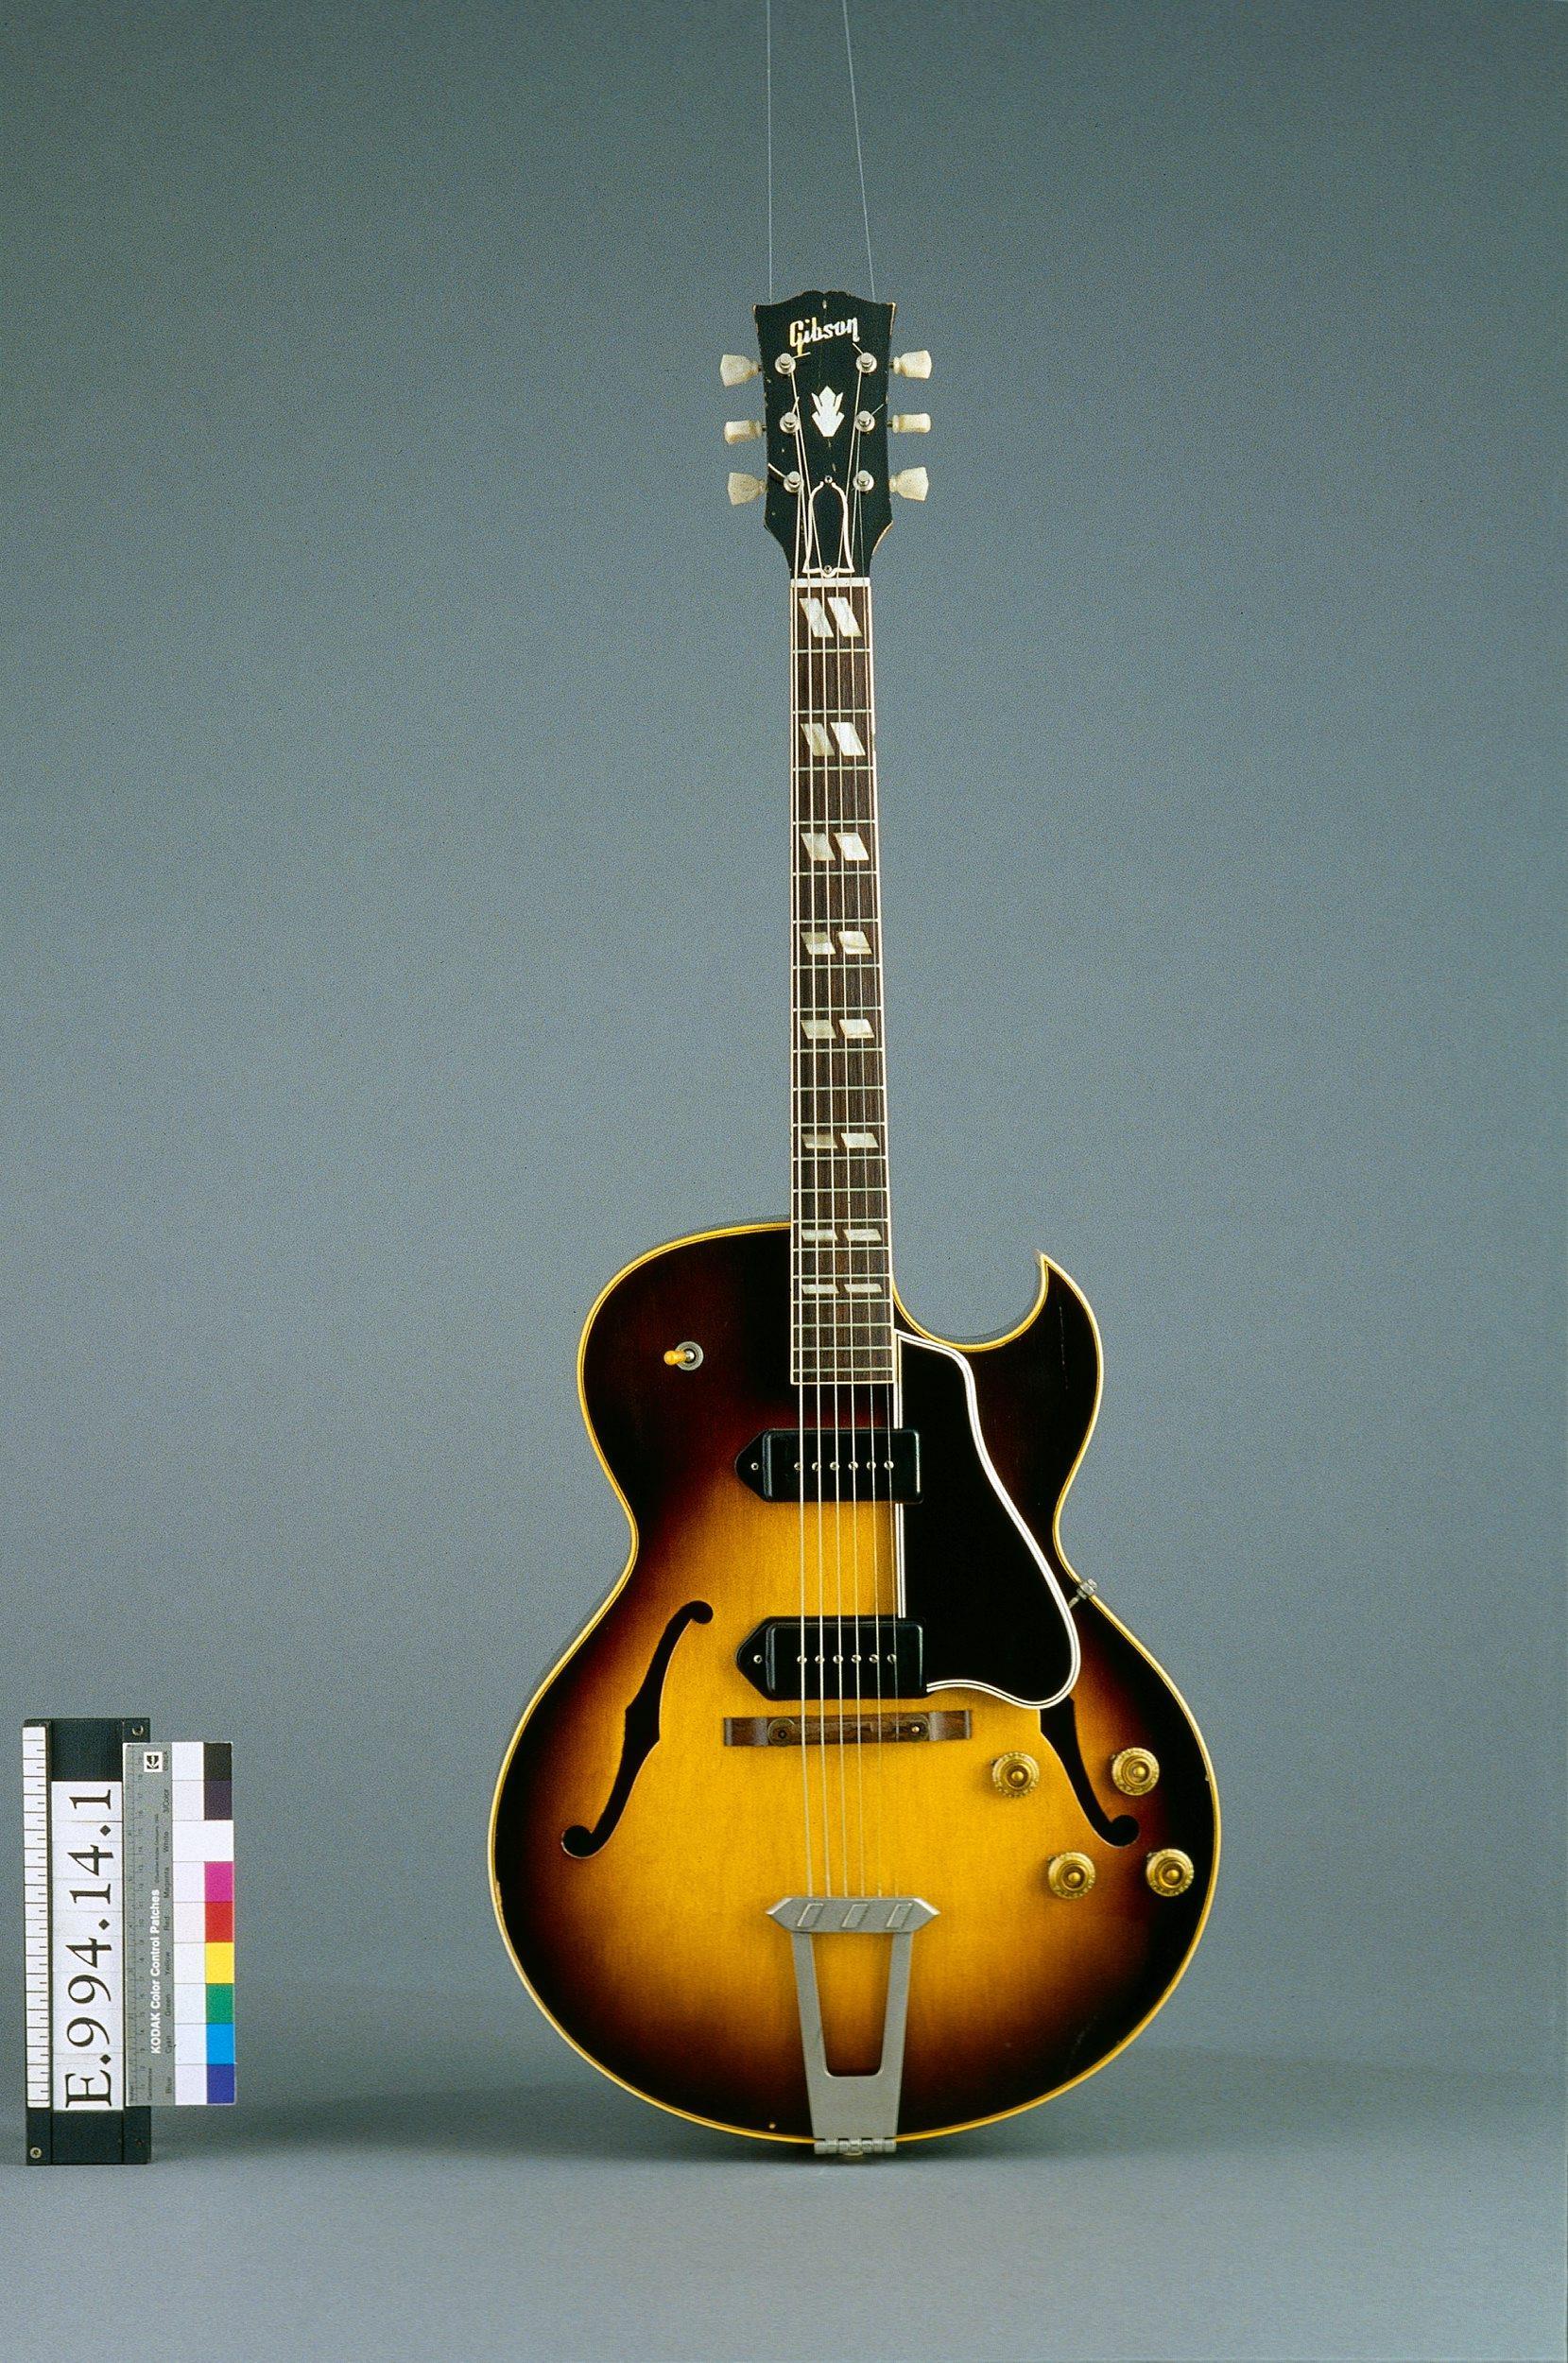 Guitare électrique modèle ES 175 D | Gibson